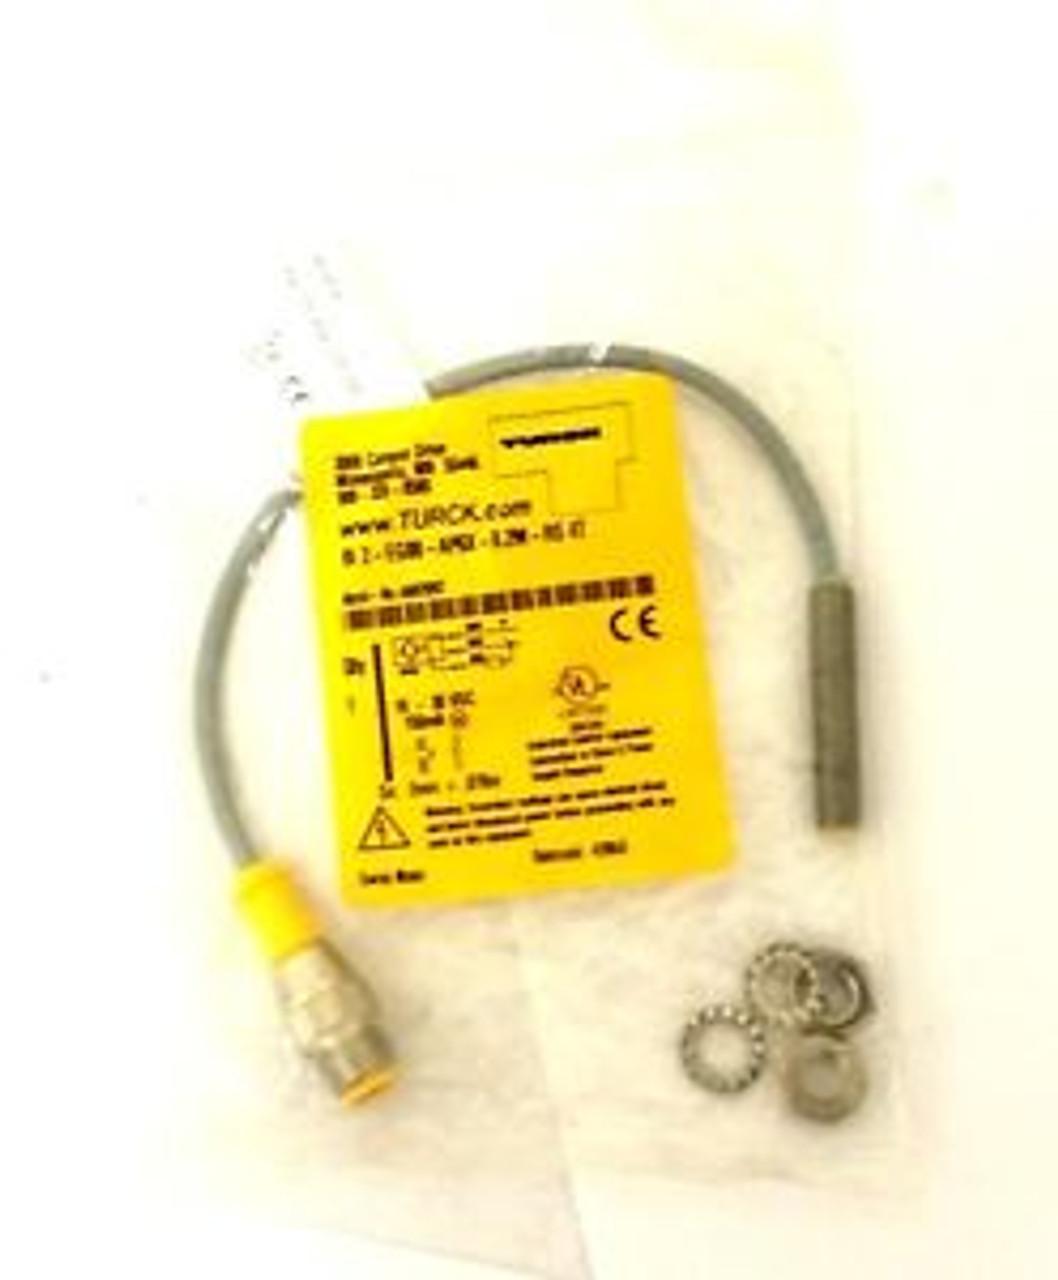 NEW Turck  Bi2-EG08K-AP6X-0.2M-RS4T Proximity Sensor; 2mm